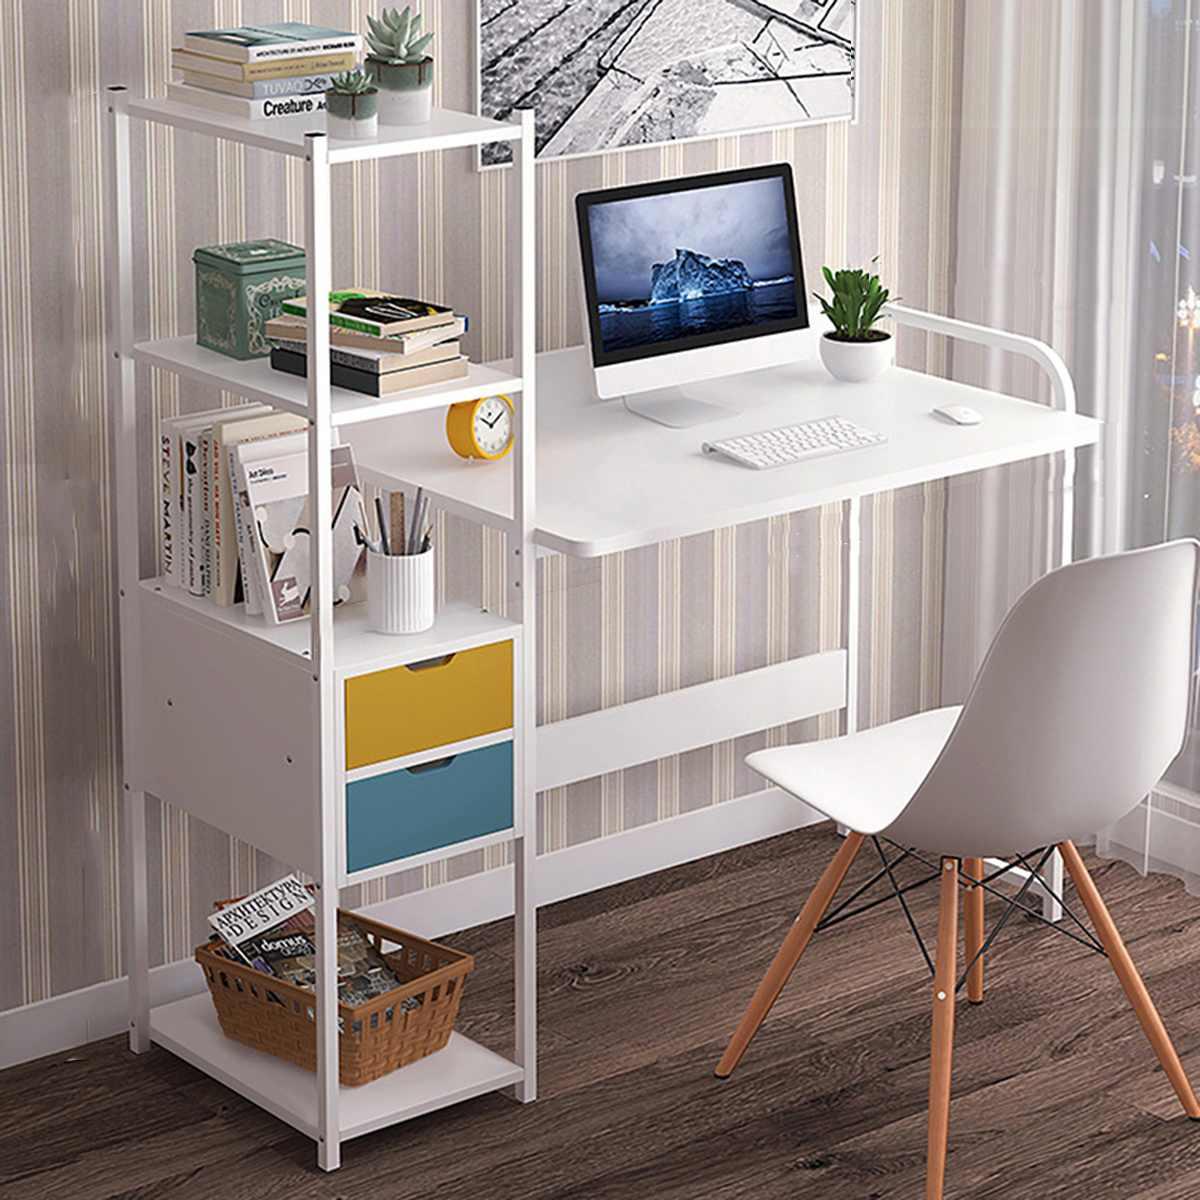 Компьютерный стол для ноутбука с регулируемой высотой, письменный стол Рабочий стол с выдвижными ящиками полки мебель для офиса PC для рабоч...